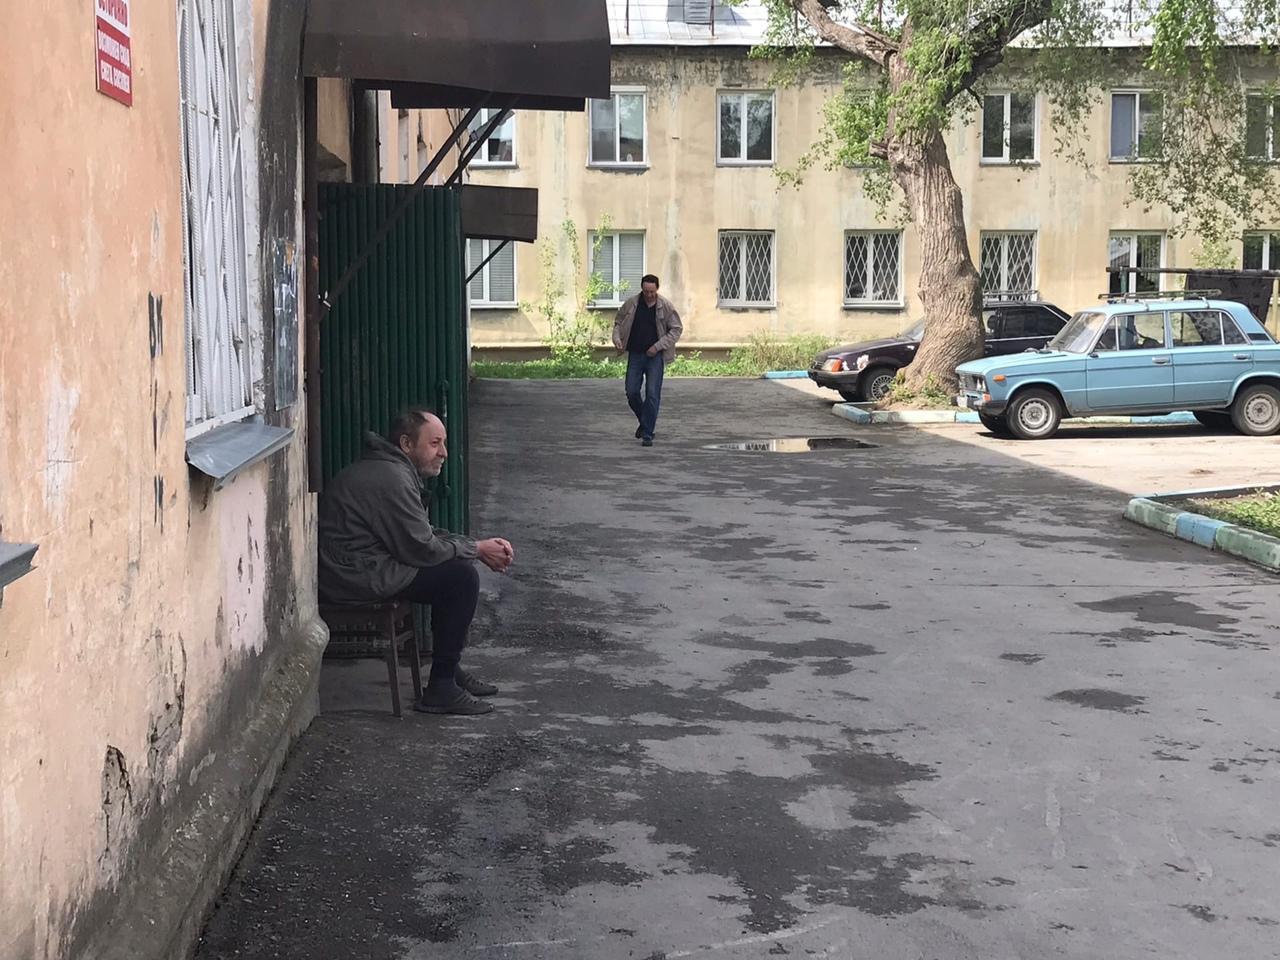 фото «Устроили балаган на весь дом, полиция не приехала»: что известно о пожаре с тремя погибшими в Новосибирске 8